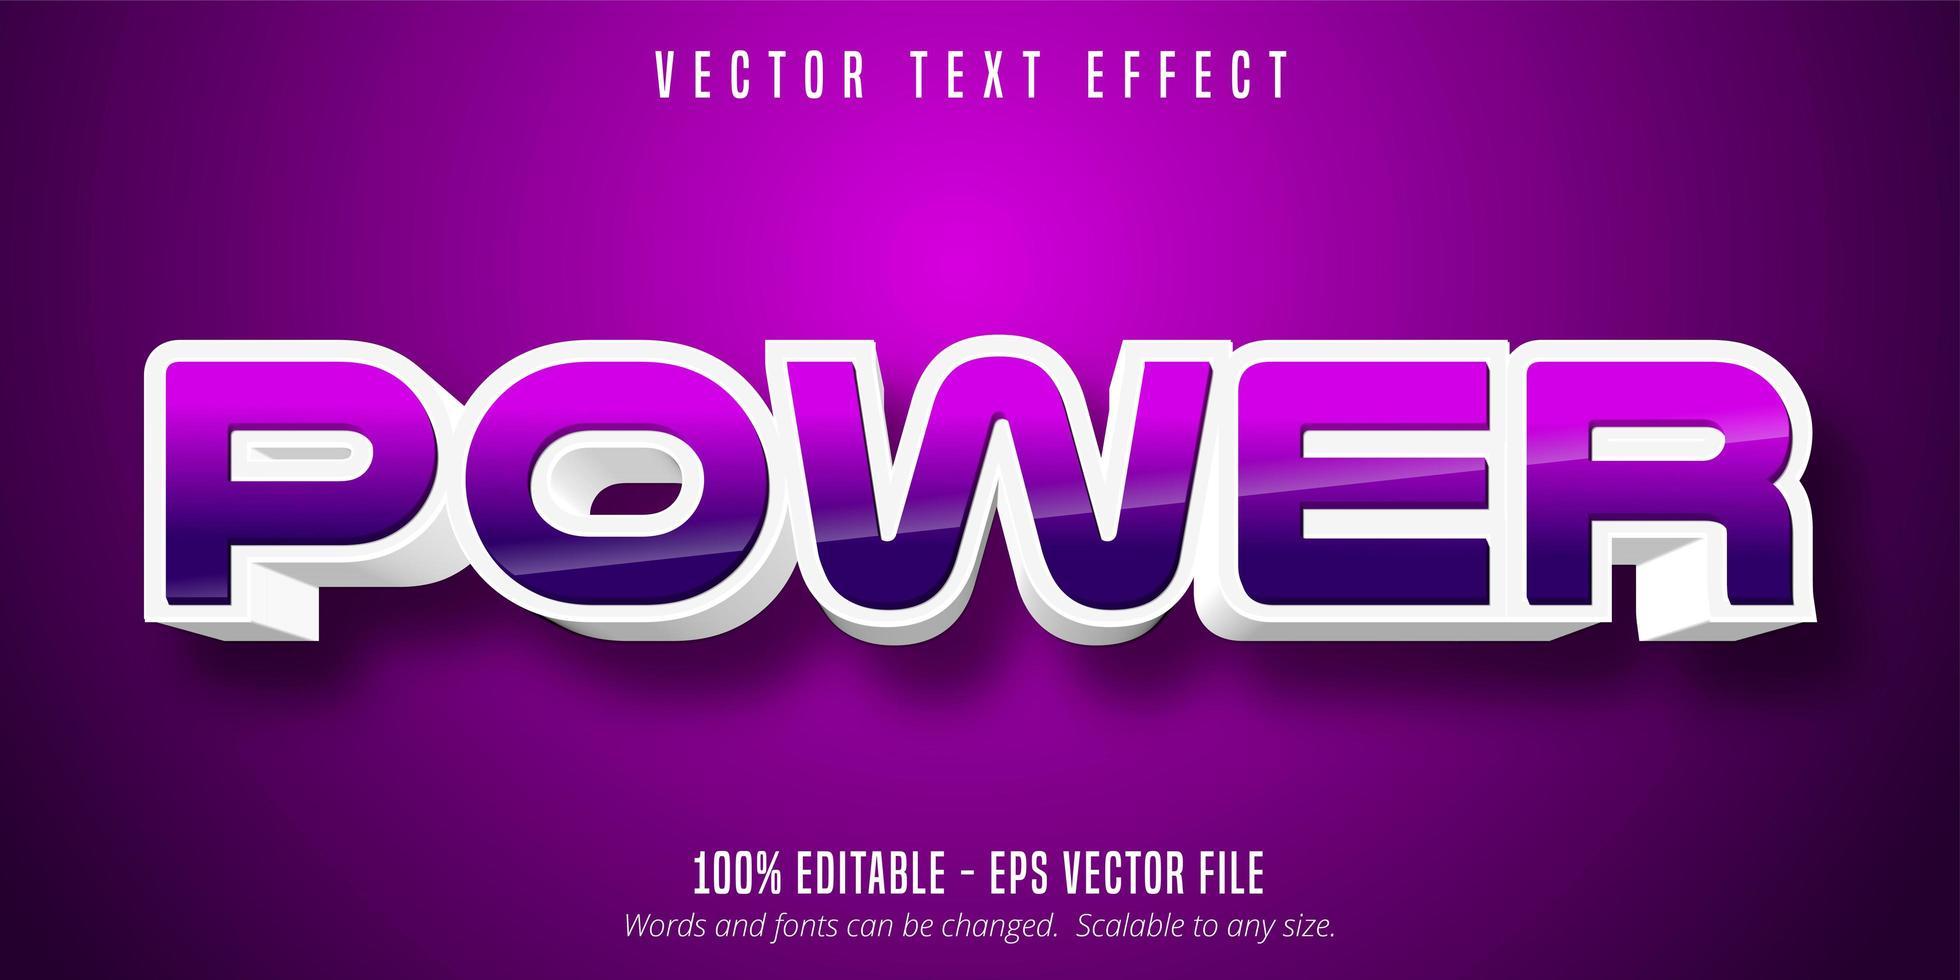 efeito de texto editável no estilo de jogo vetor